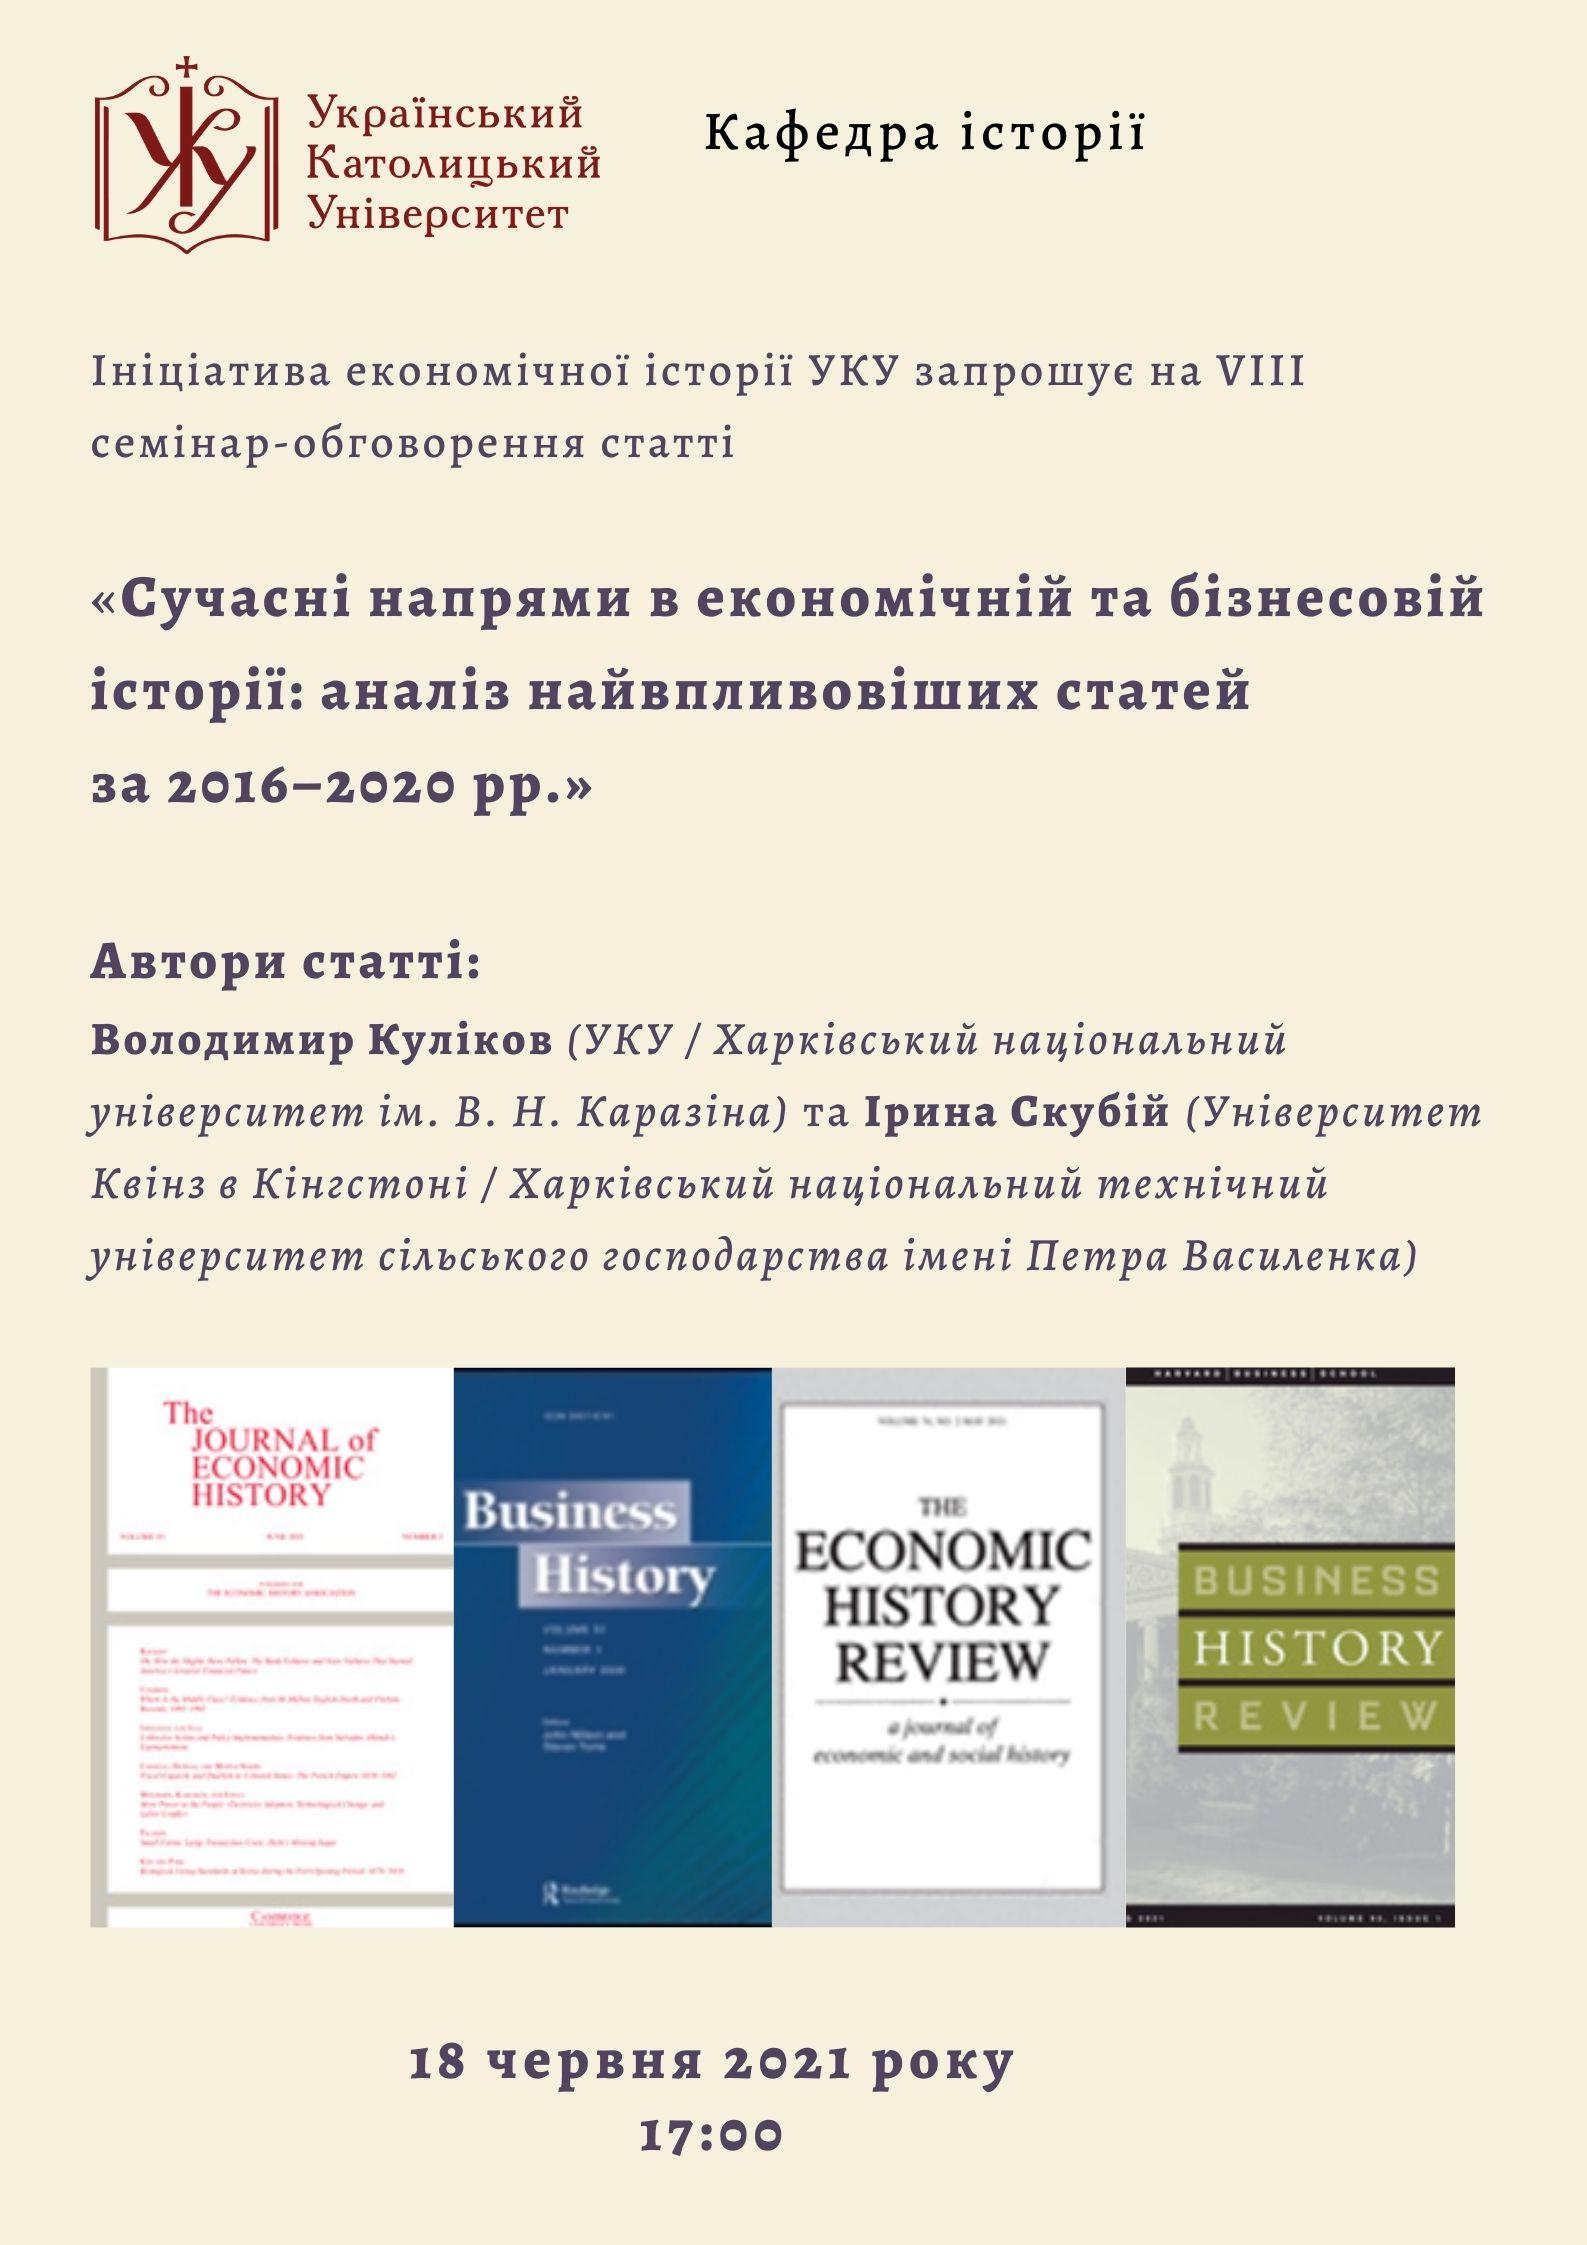 «Сучасні напрями в економічній та бізнесовій історії: аналіз найвпливовіших статей за 2016–2020 рр.